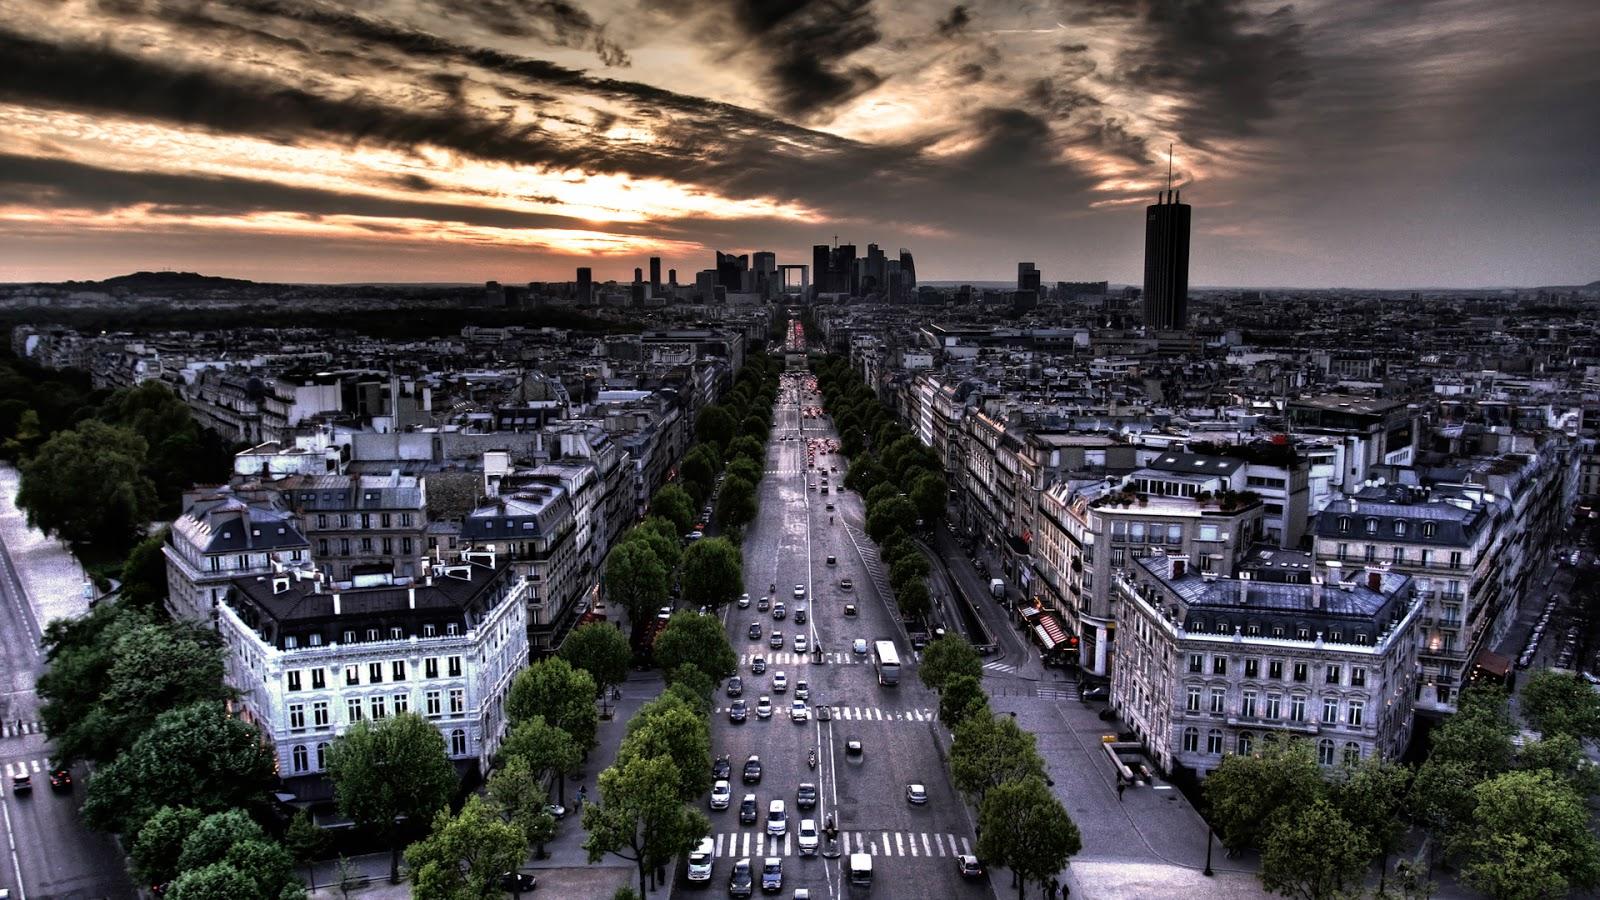 http://1.bp.blogspot.com/-X4XNHYc78ak/TVlmN9Z2GDI/AAAAAAAABEo/aYWRroTiTdg/s1600/Paris-wallpaper-colorsofparis_1920x1080.jpg